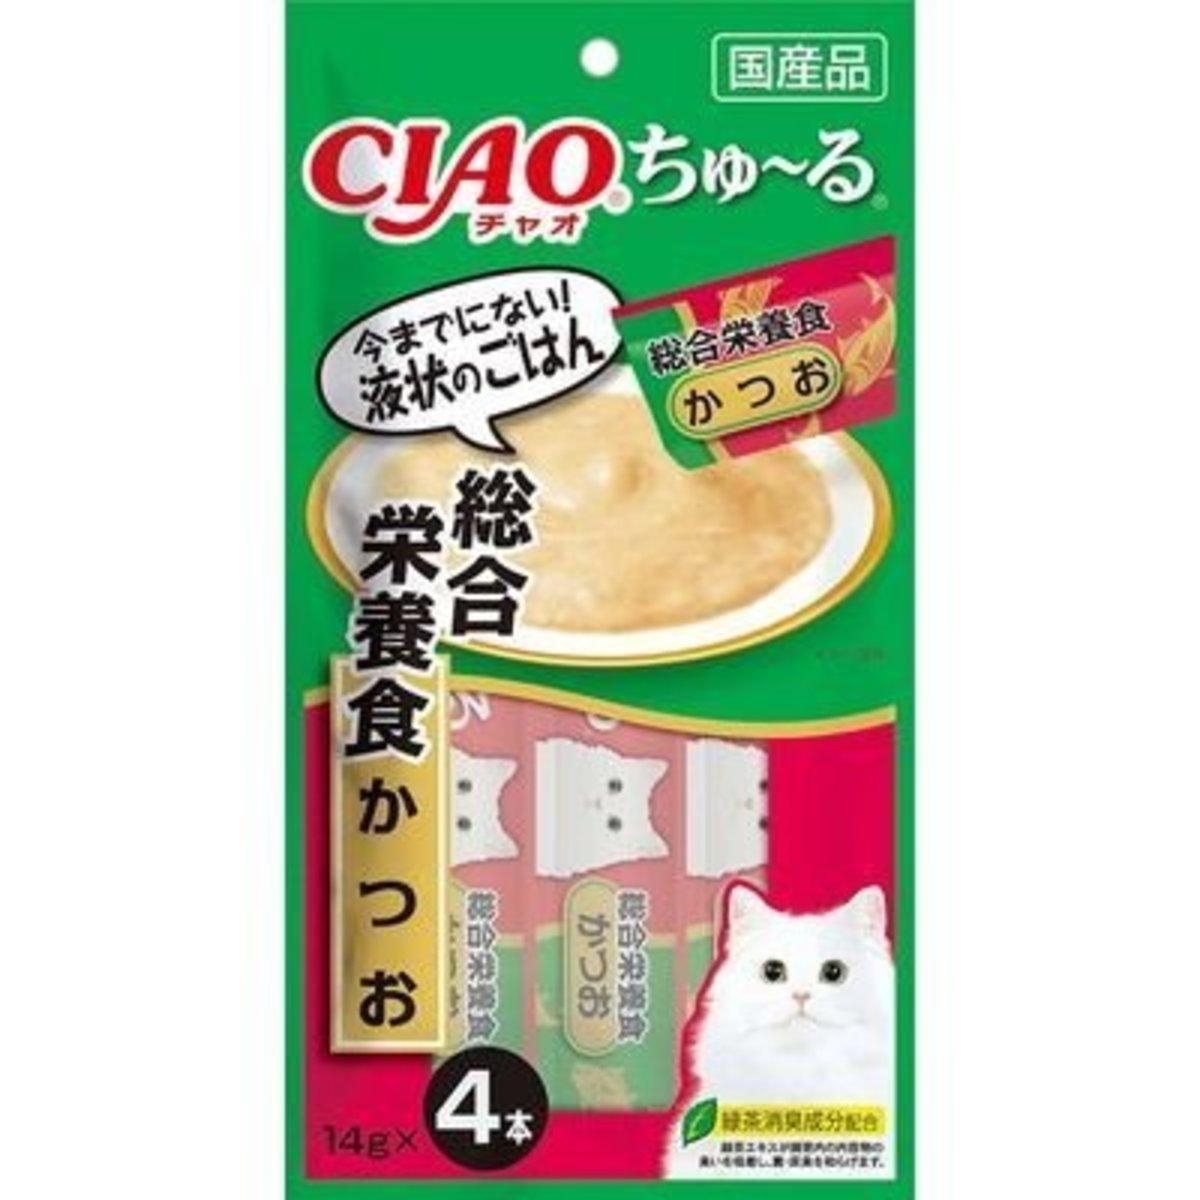 貓貓CIAO醬包-鰹魚 14g x4本